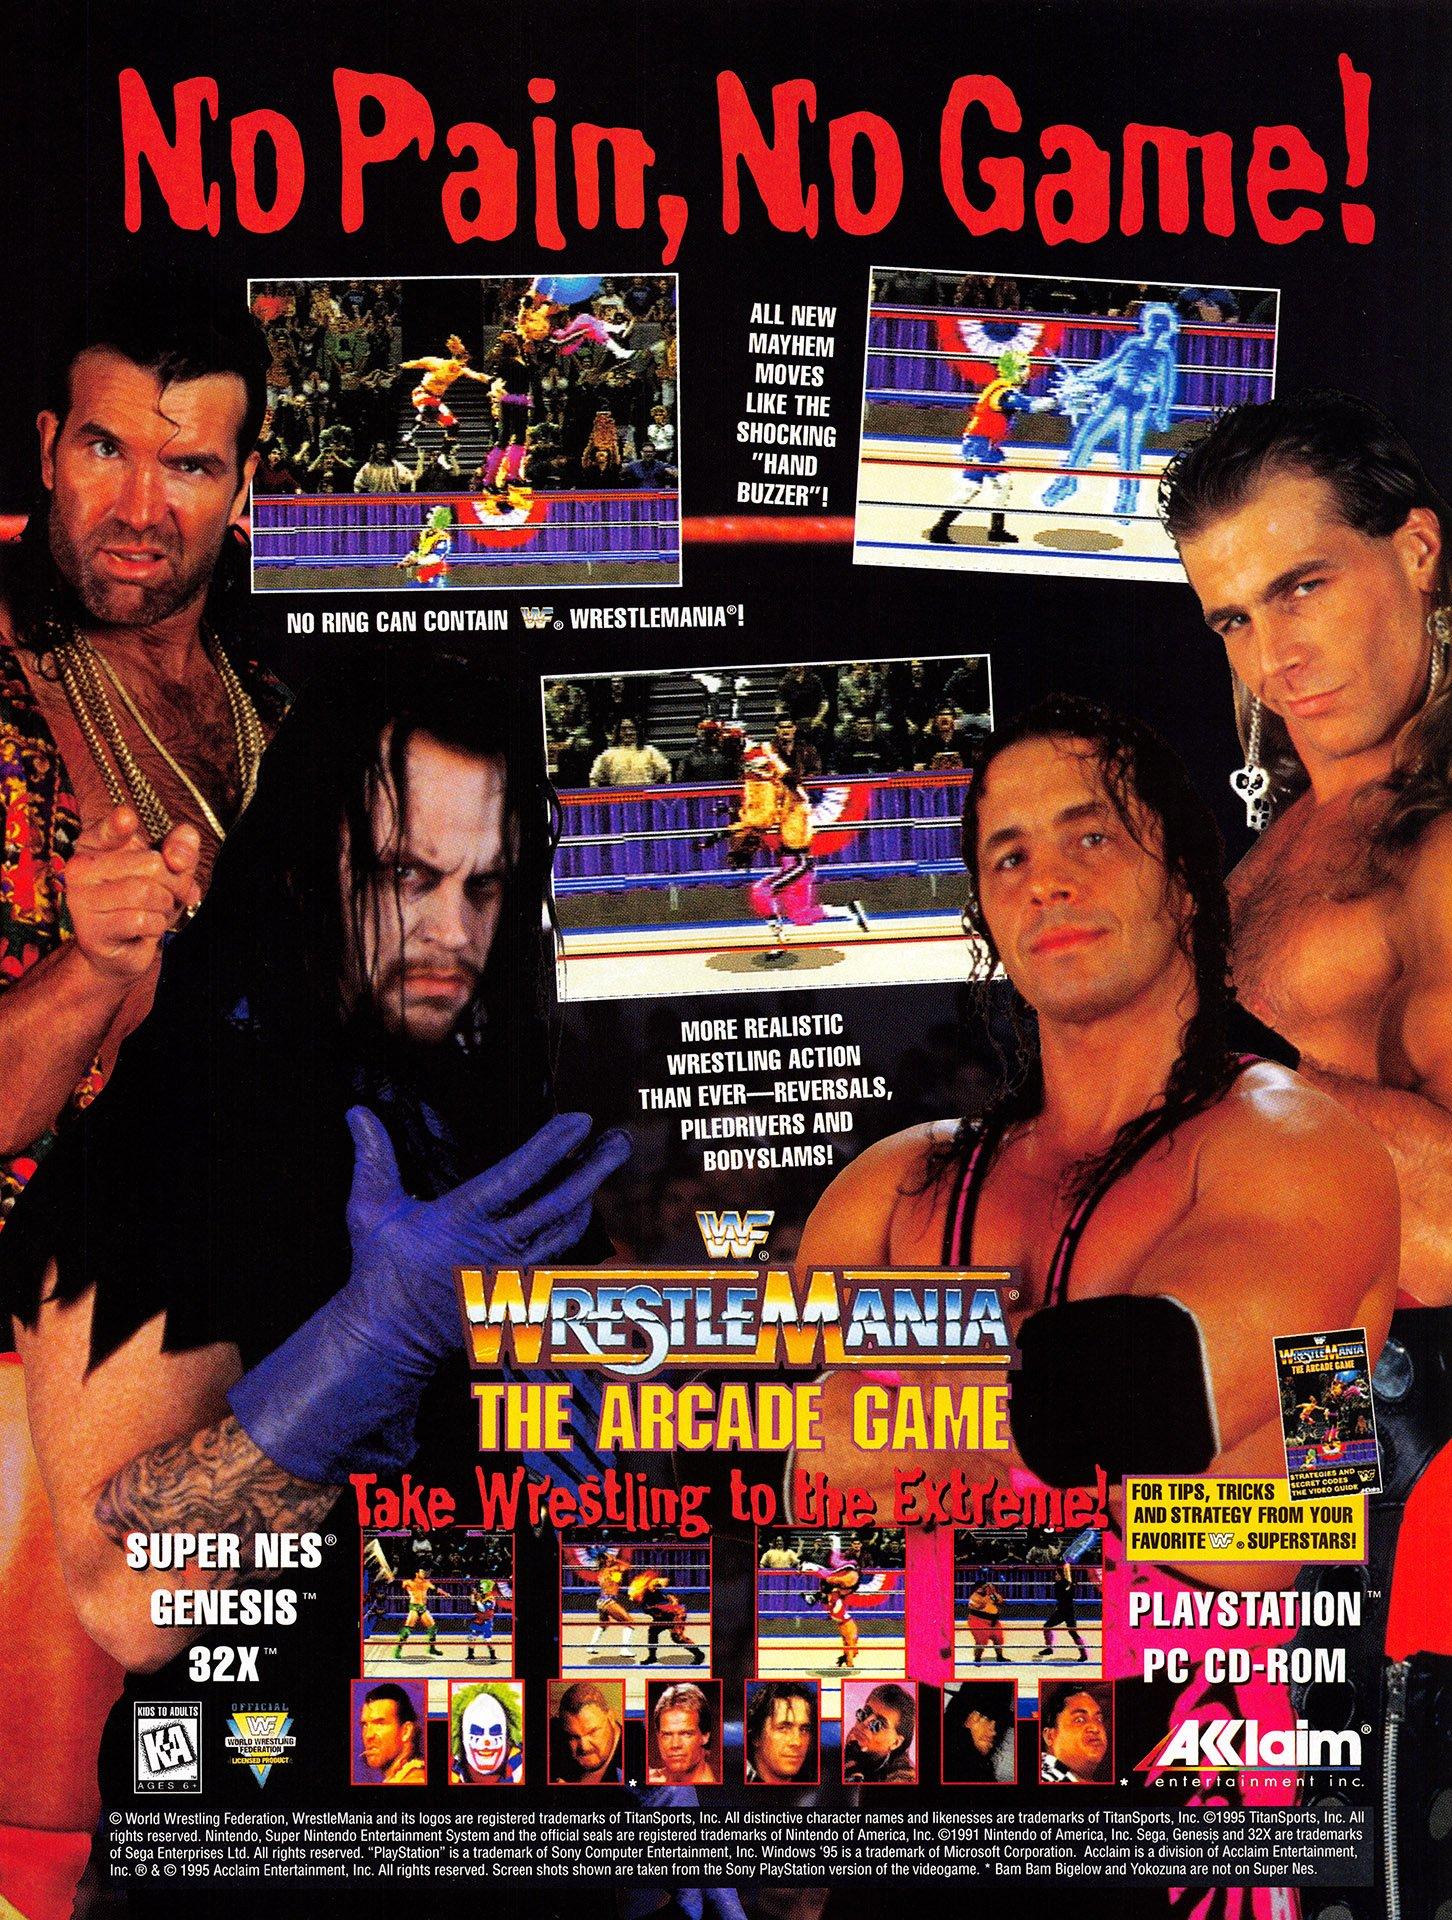 Resultado de imagen para WWF Wrestlemania ARCADE